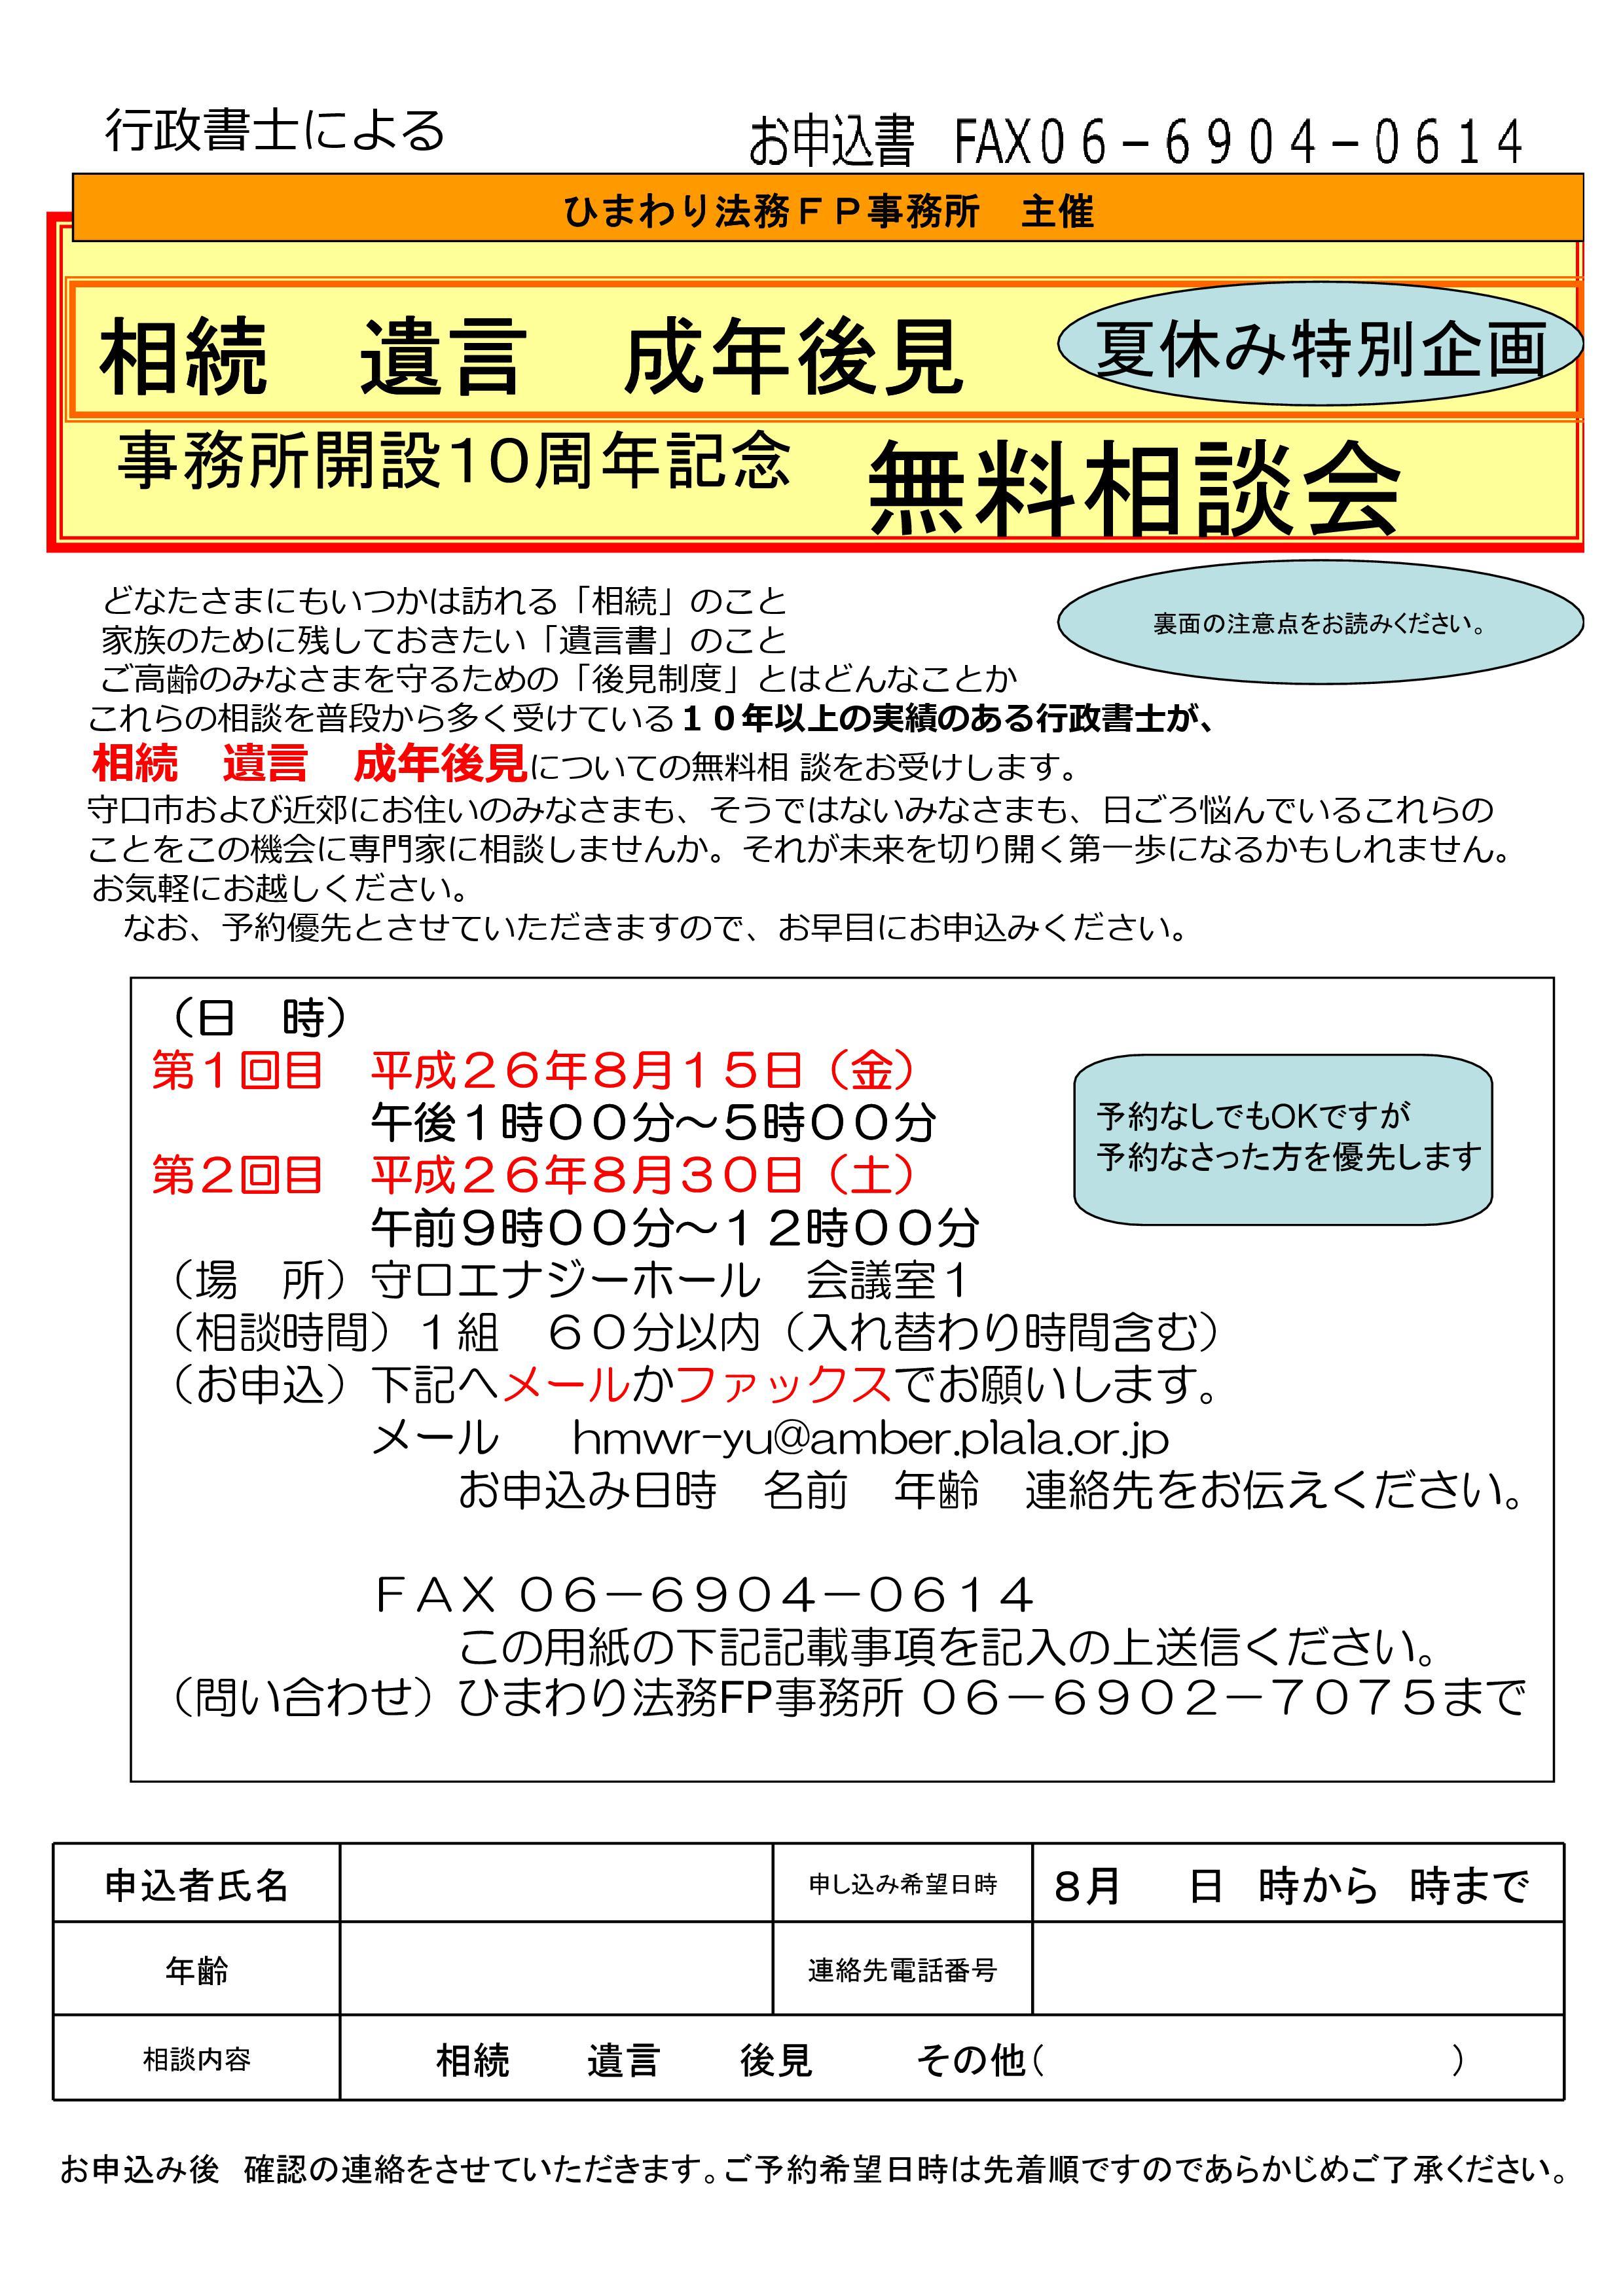 無料相談会 案内チラシ ひまわり法務 守口エナジーホール-001.jpg